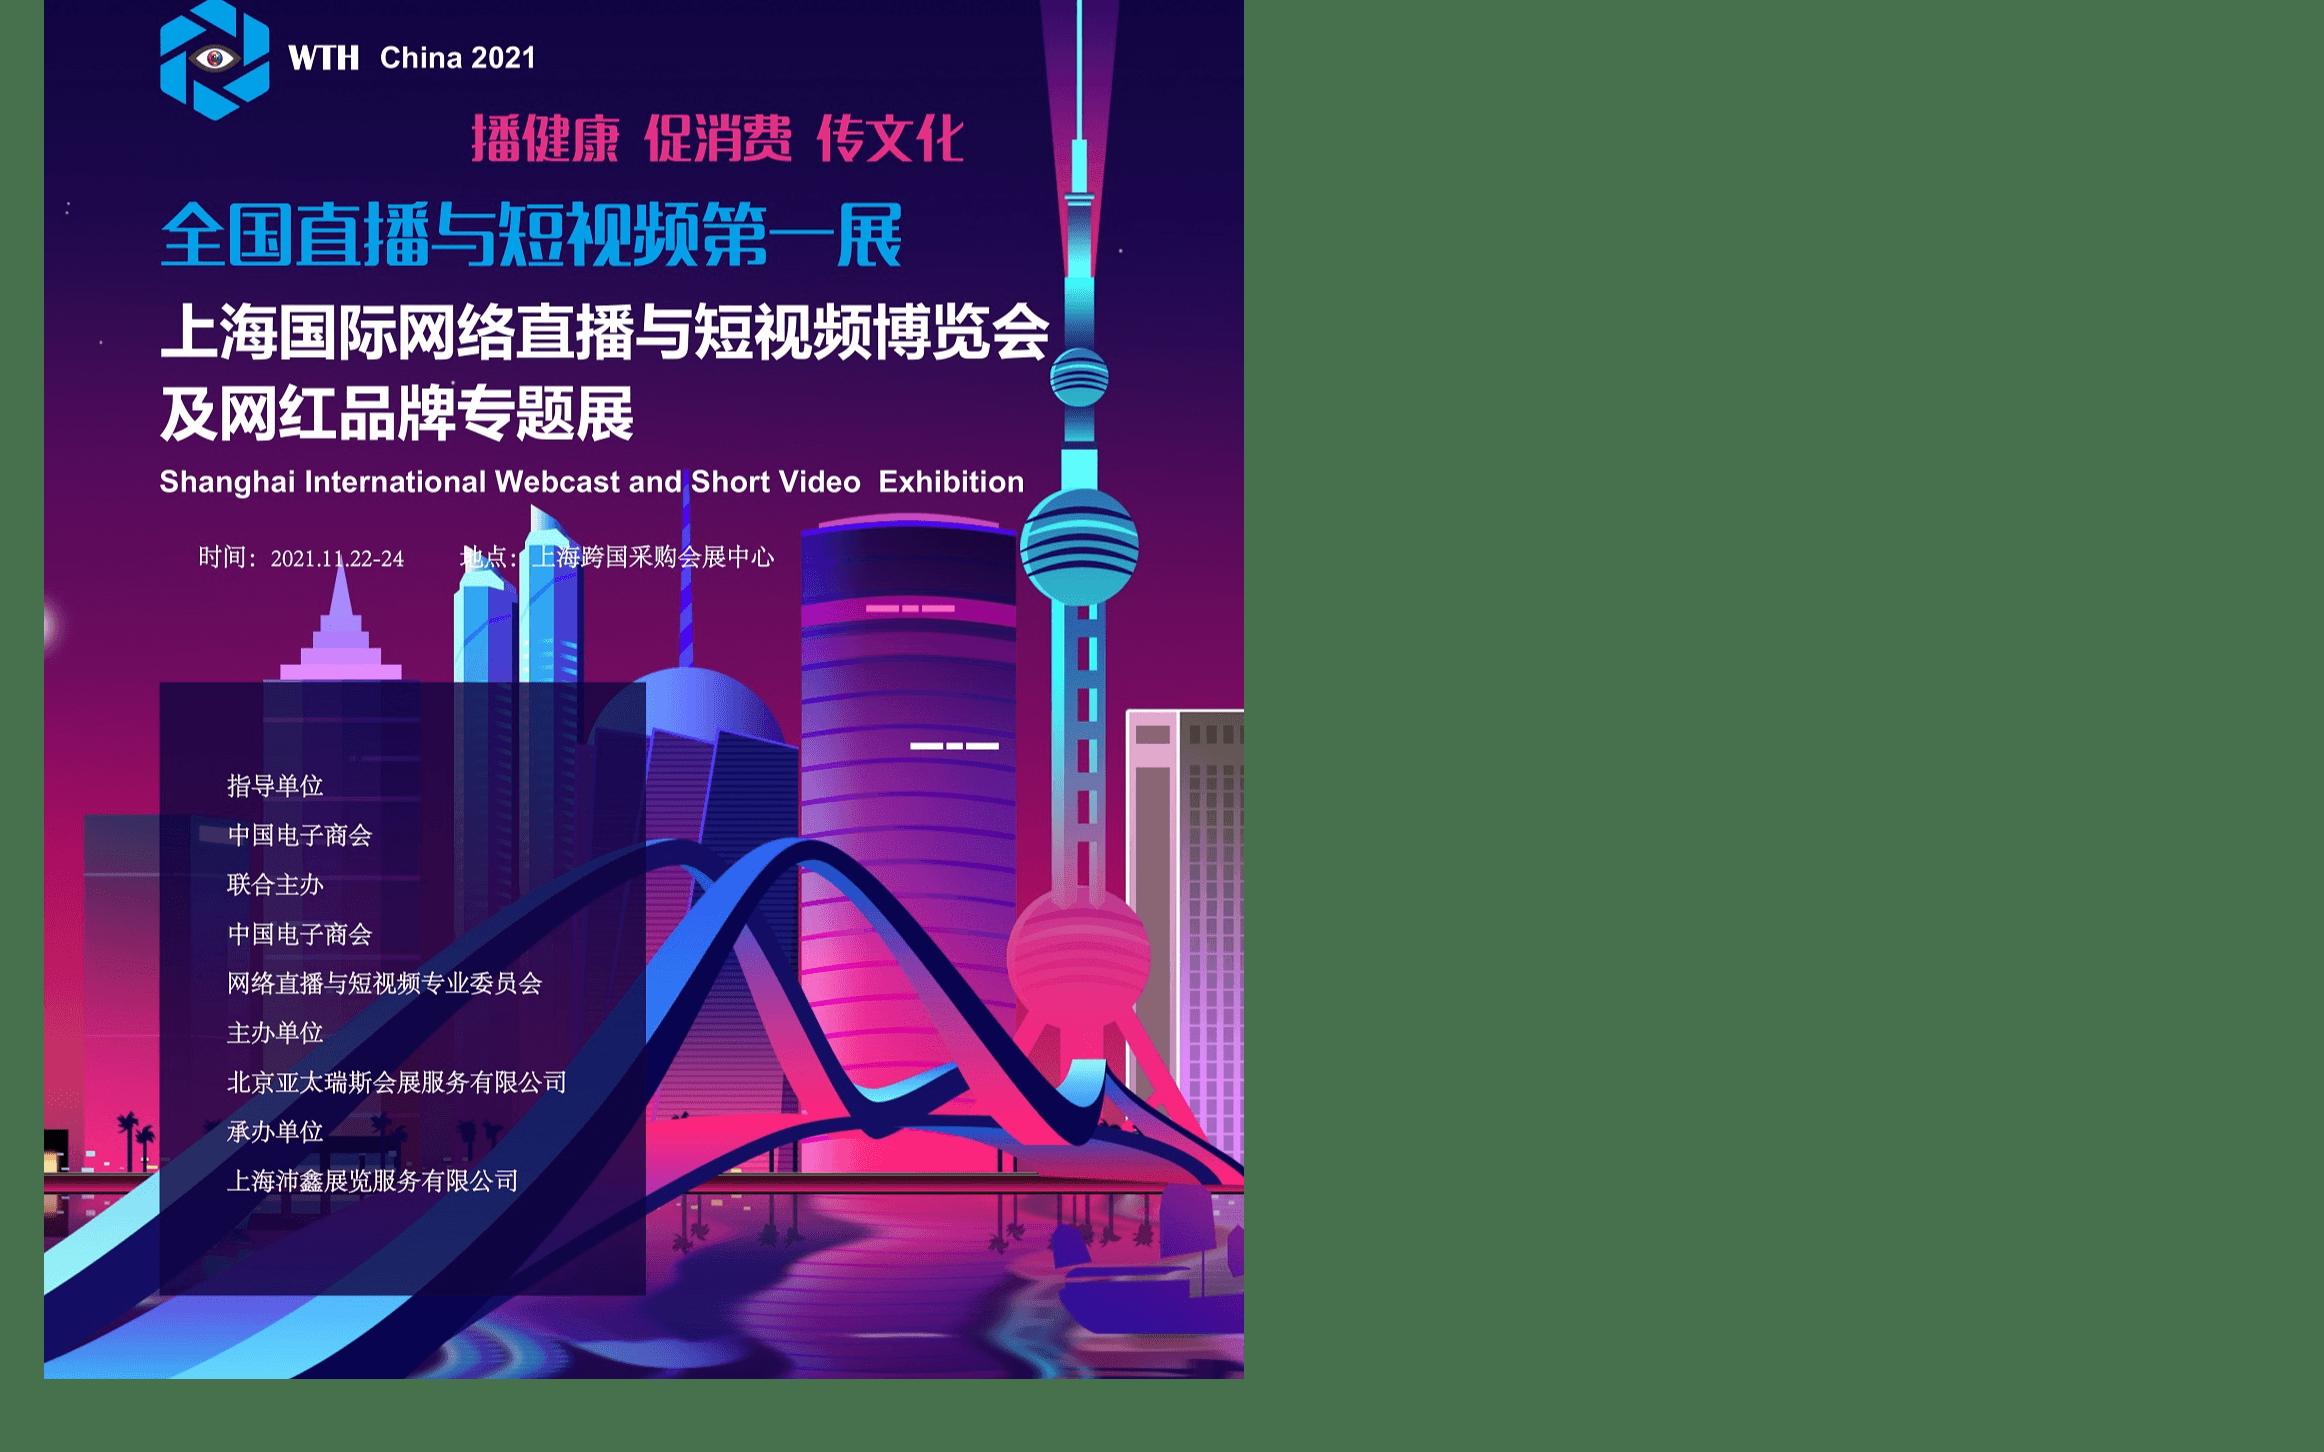 2021上海国际网络直播与短视频博览会